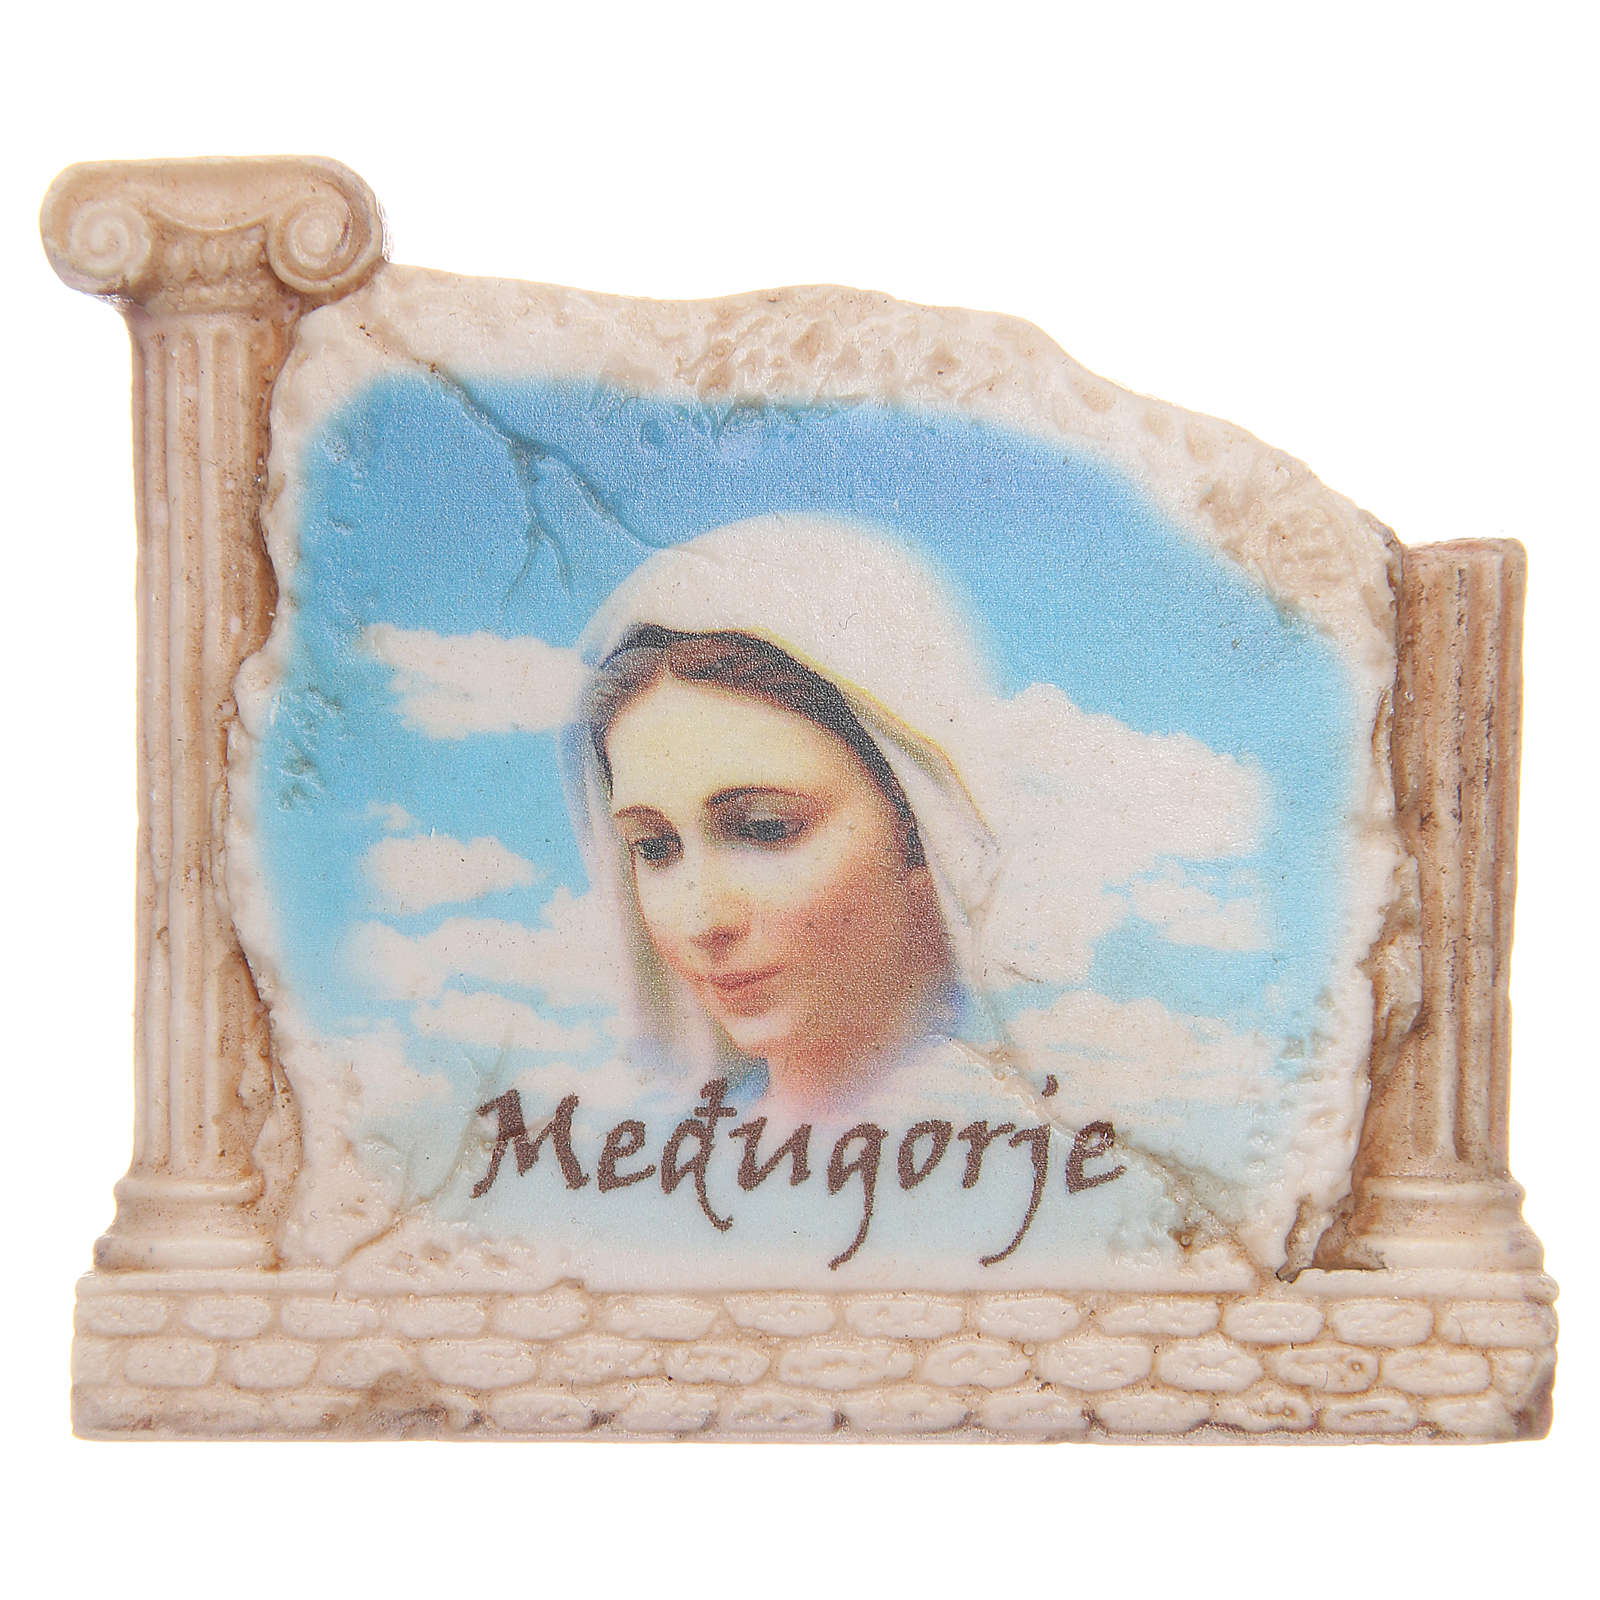 Calamita volto Madonna Medjugorje e colonne 4